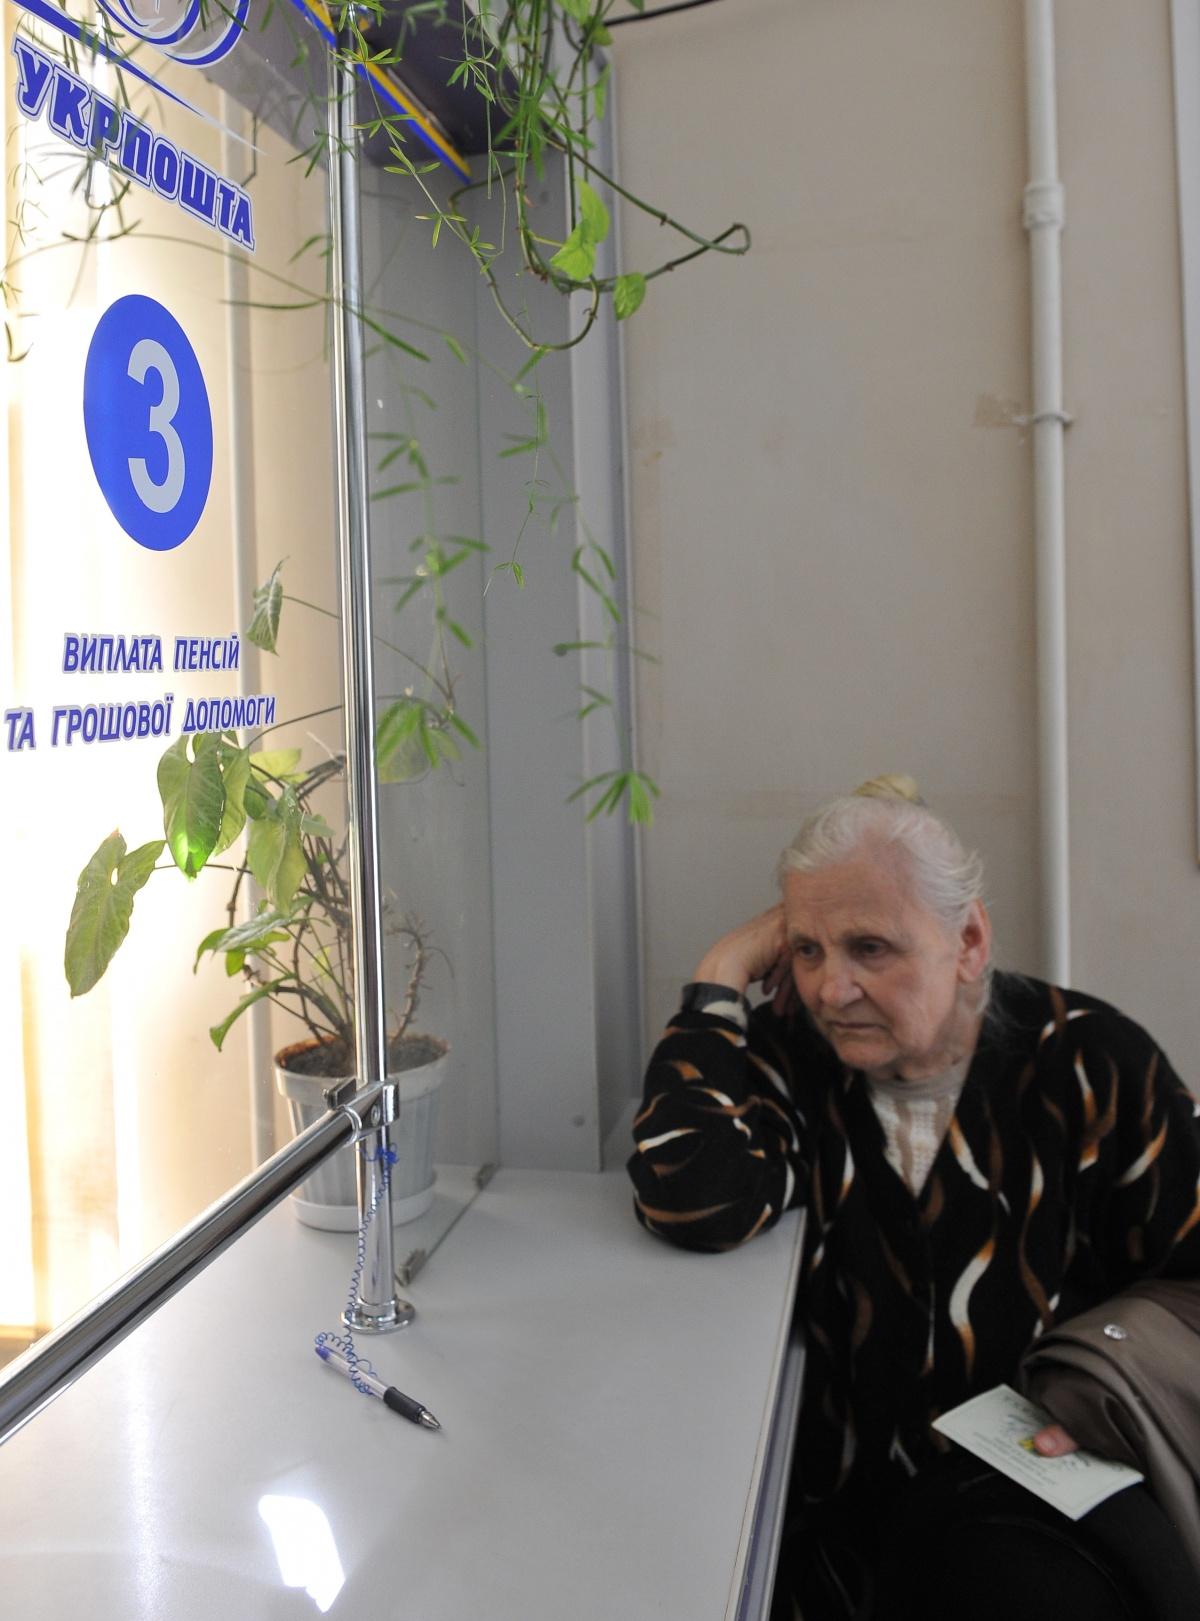 Замена индексации пенсий на разовую выплату порадовала 3 процента россиян